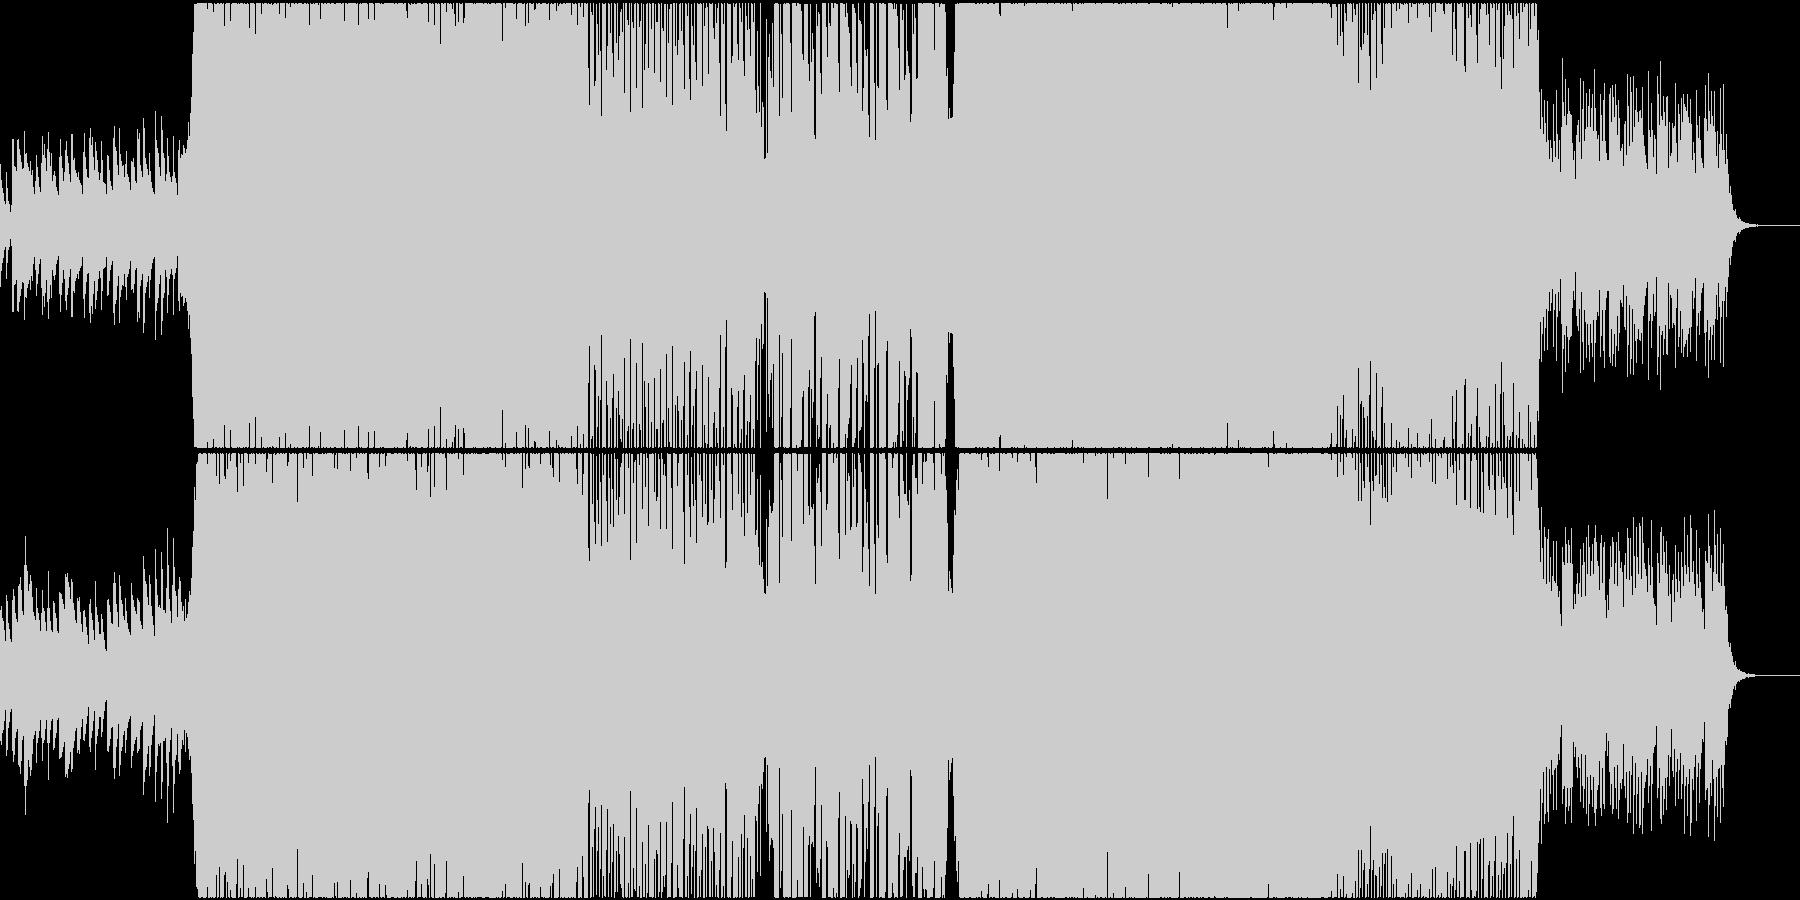 和風のポップなハウス曲の未再生の波形